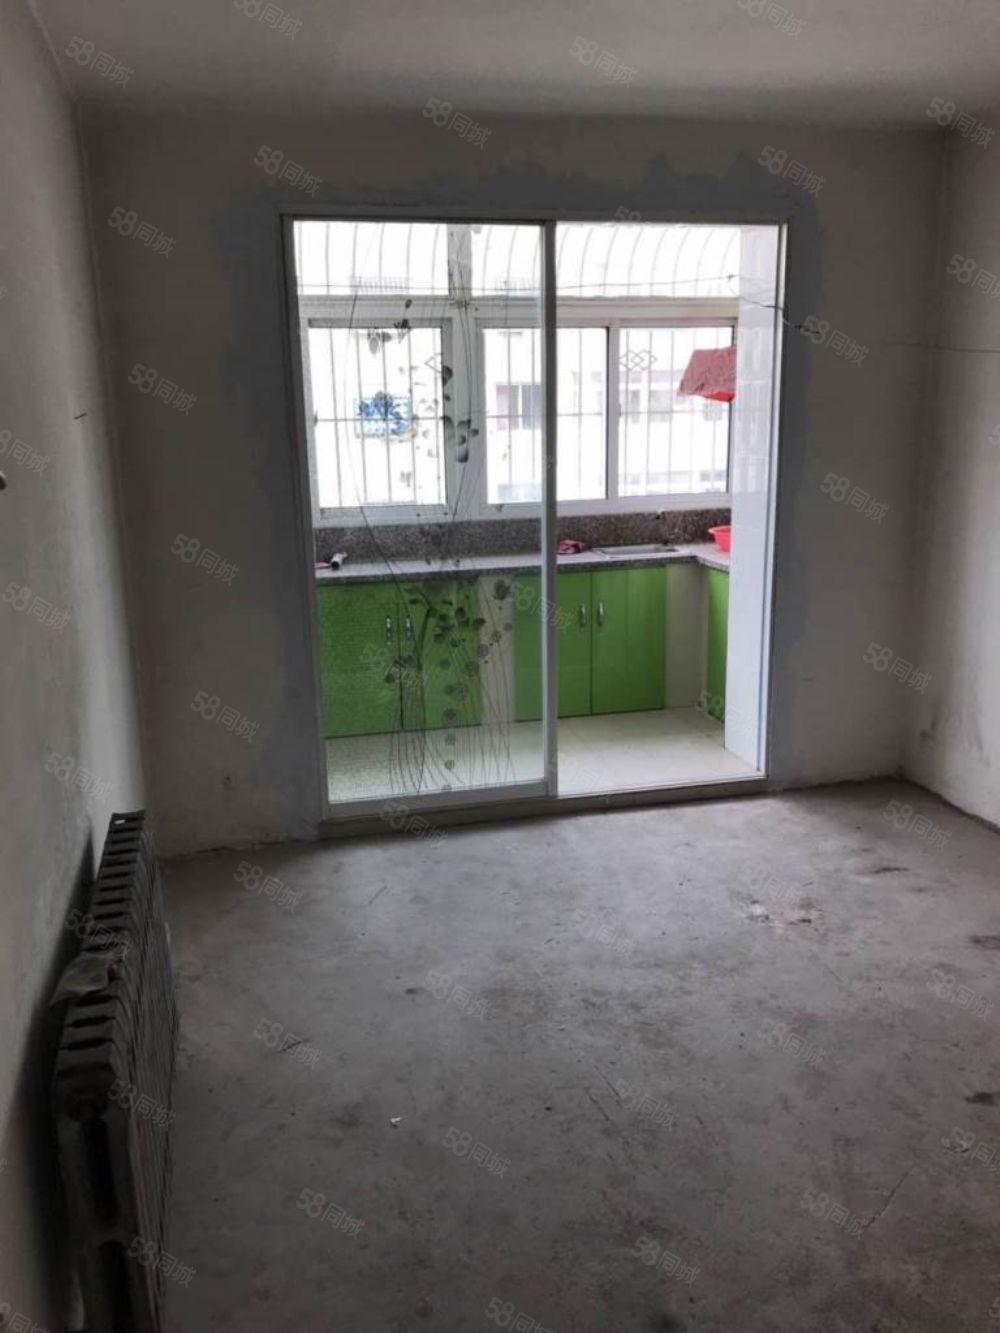 出售桃园小区4楼62平米南北卧室毛坯房全款15万